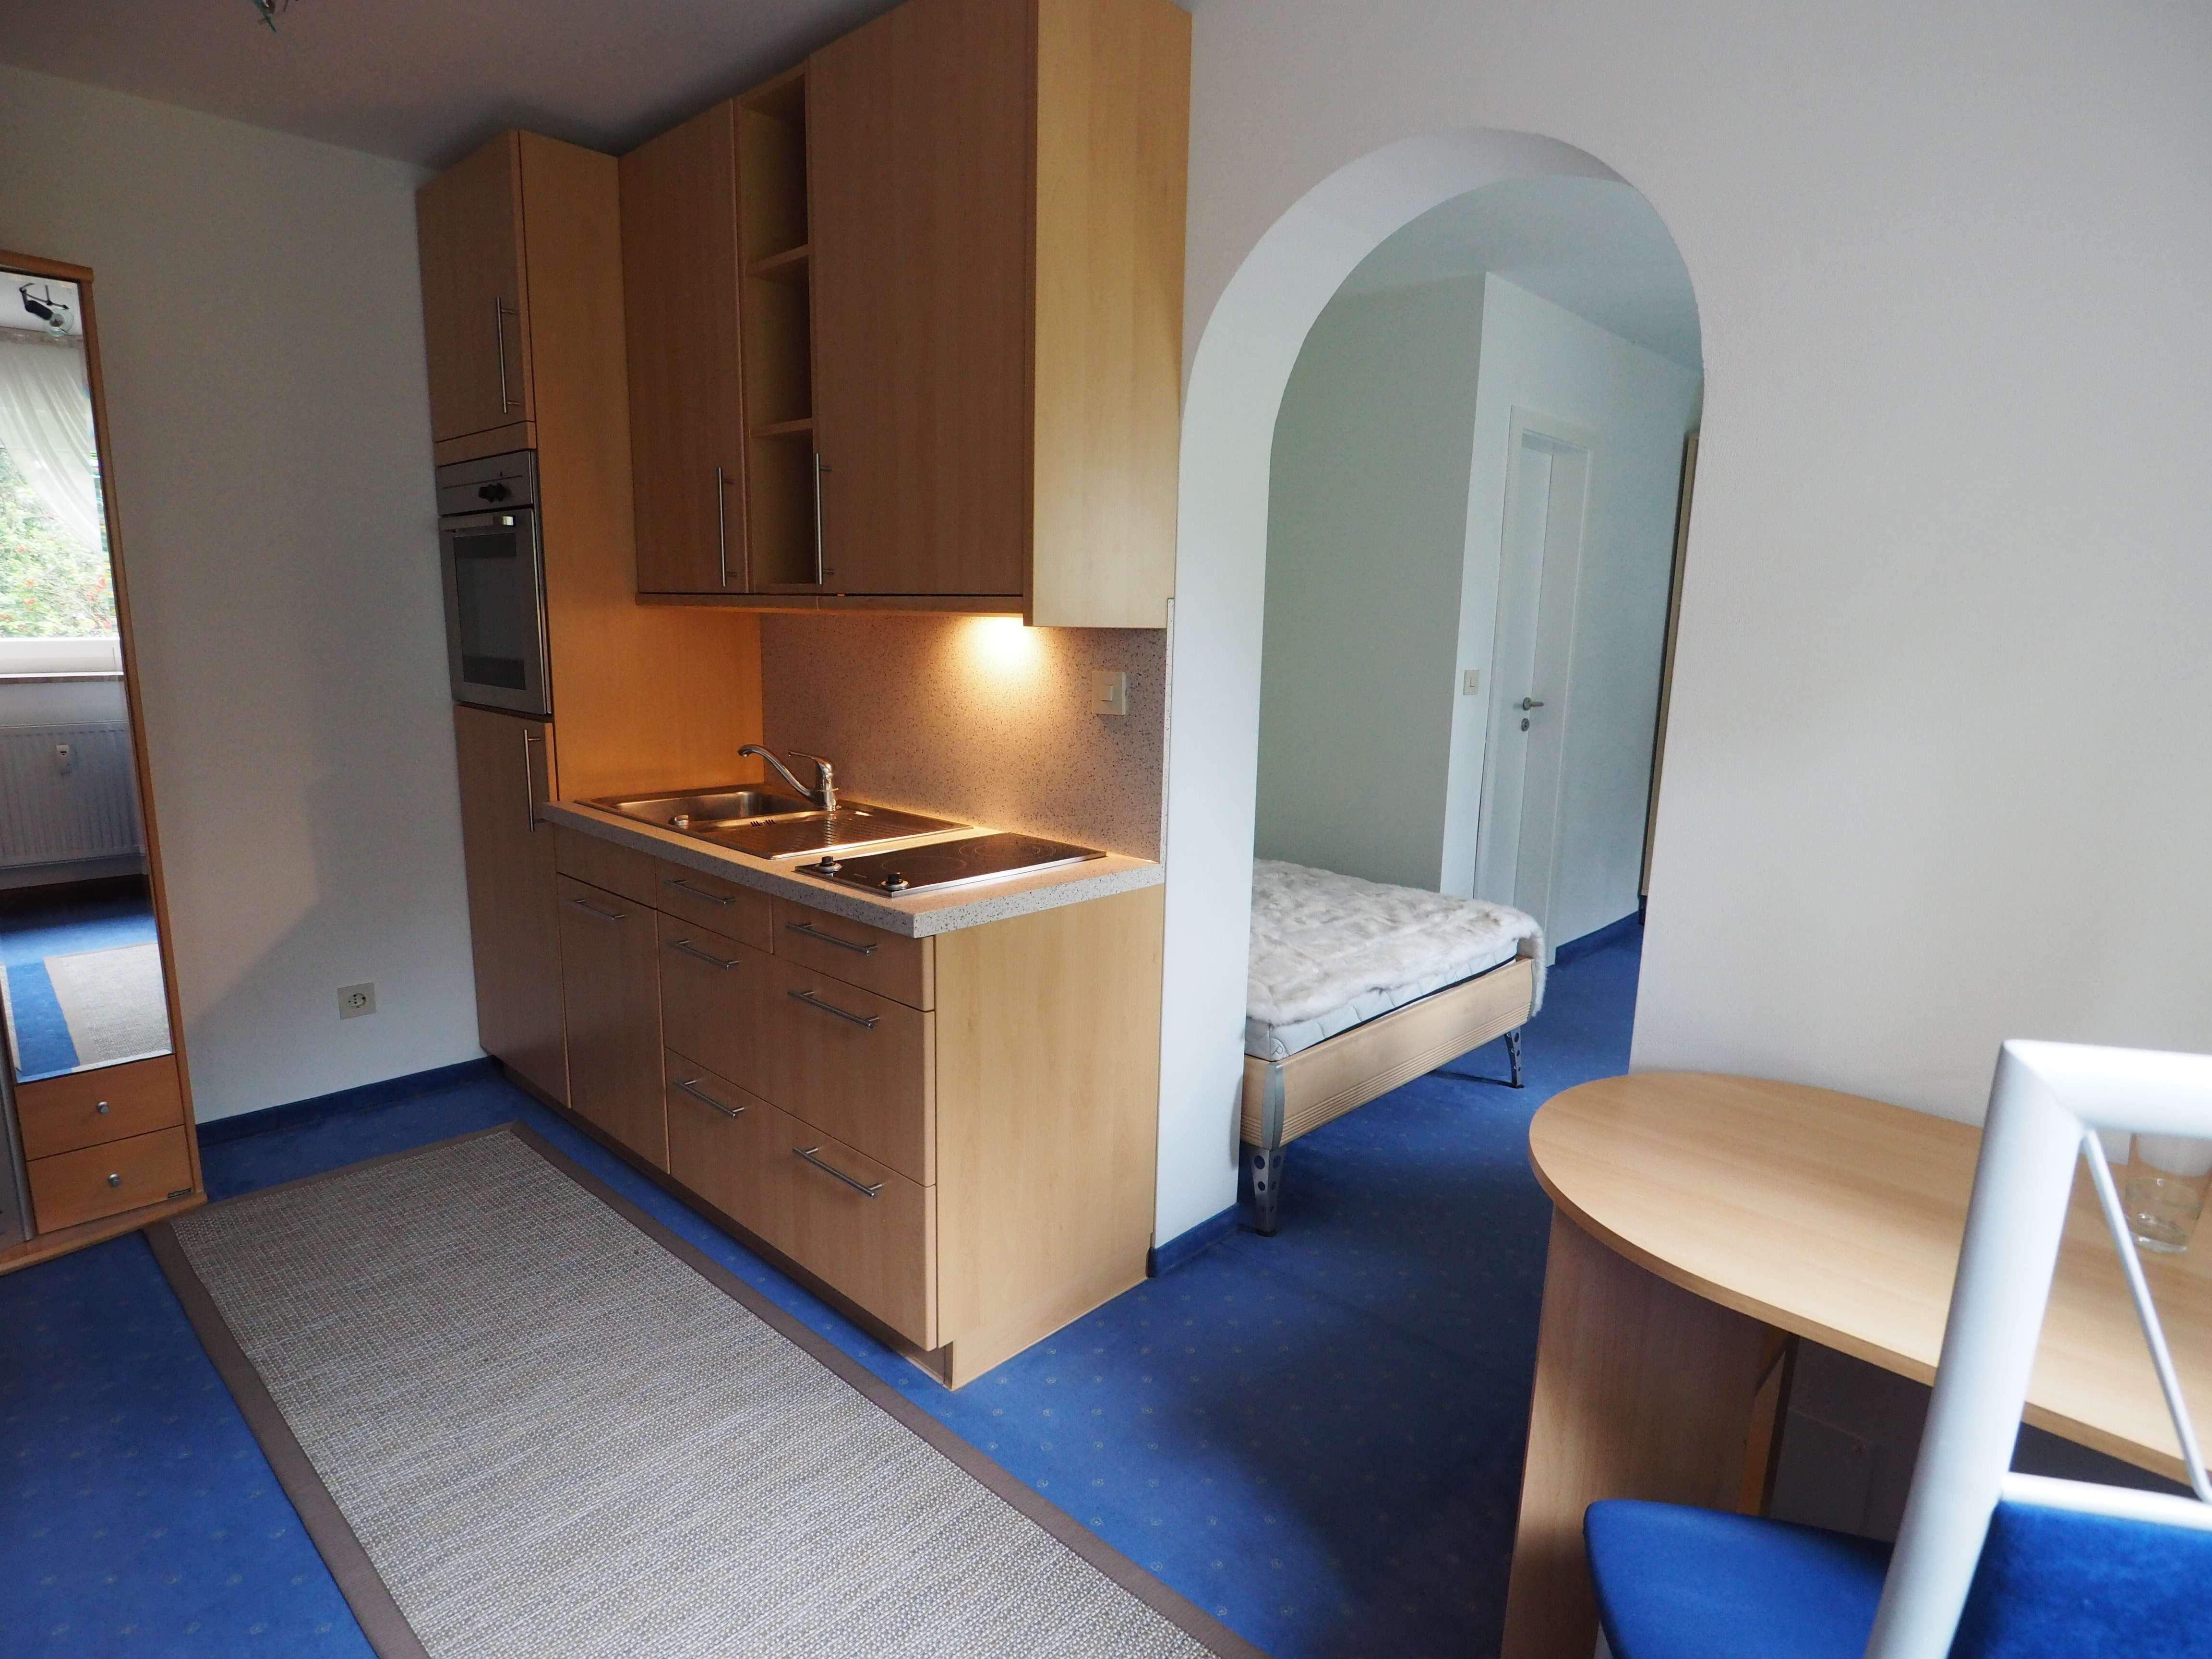 Möblierte 1,5-Zimmer-Wohnung mit EBK in Regensburg (Nähe Universität)